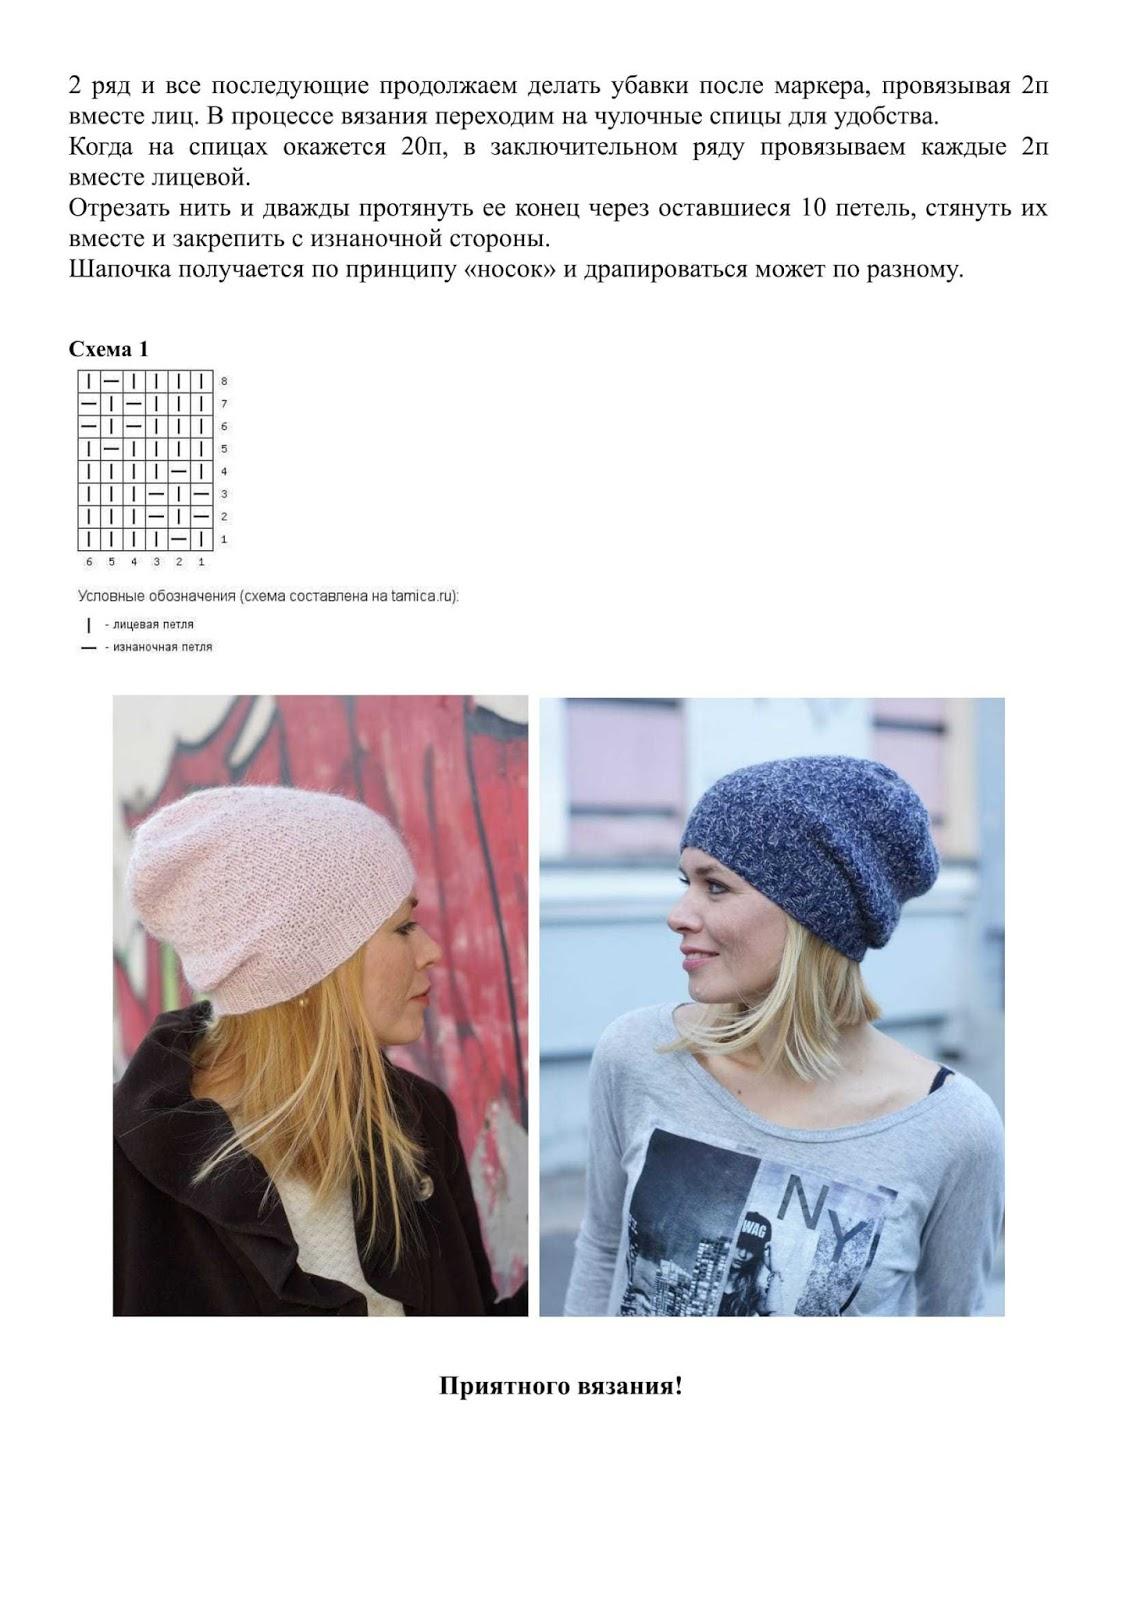 Вязание модных шапок для девушек со схемами с фото